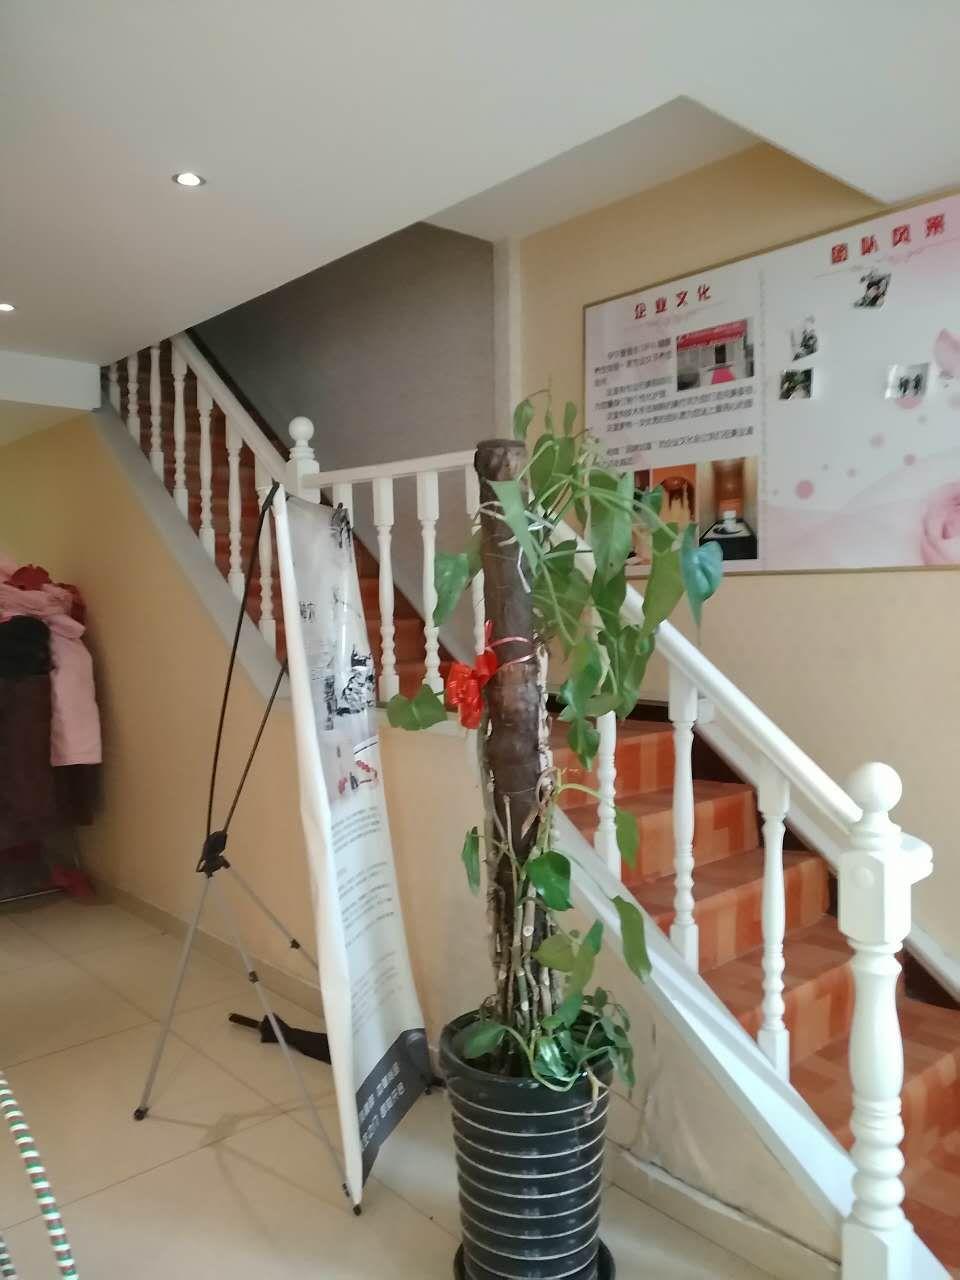 二环  鹏润家园  一层大复试,带花园,带车库  209平 低价位售